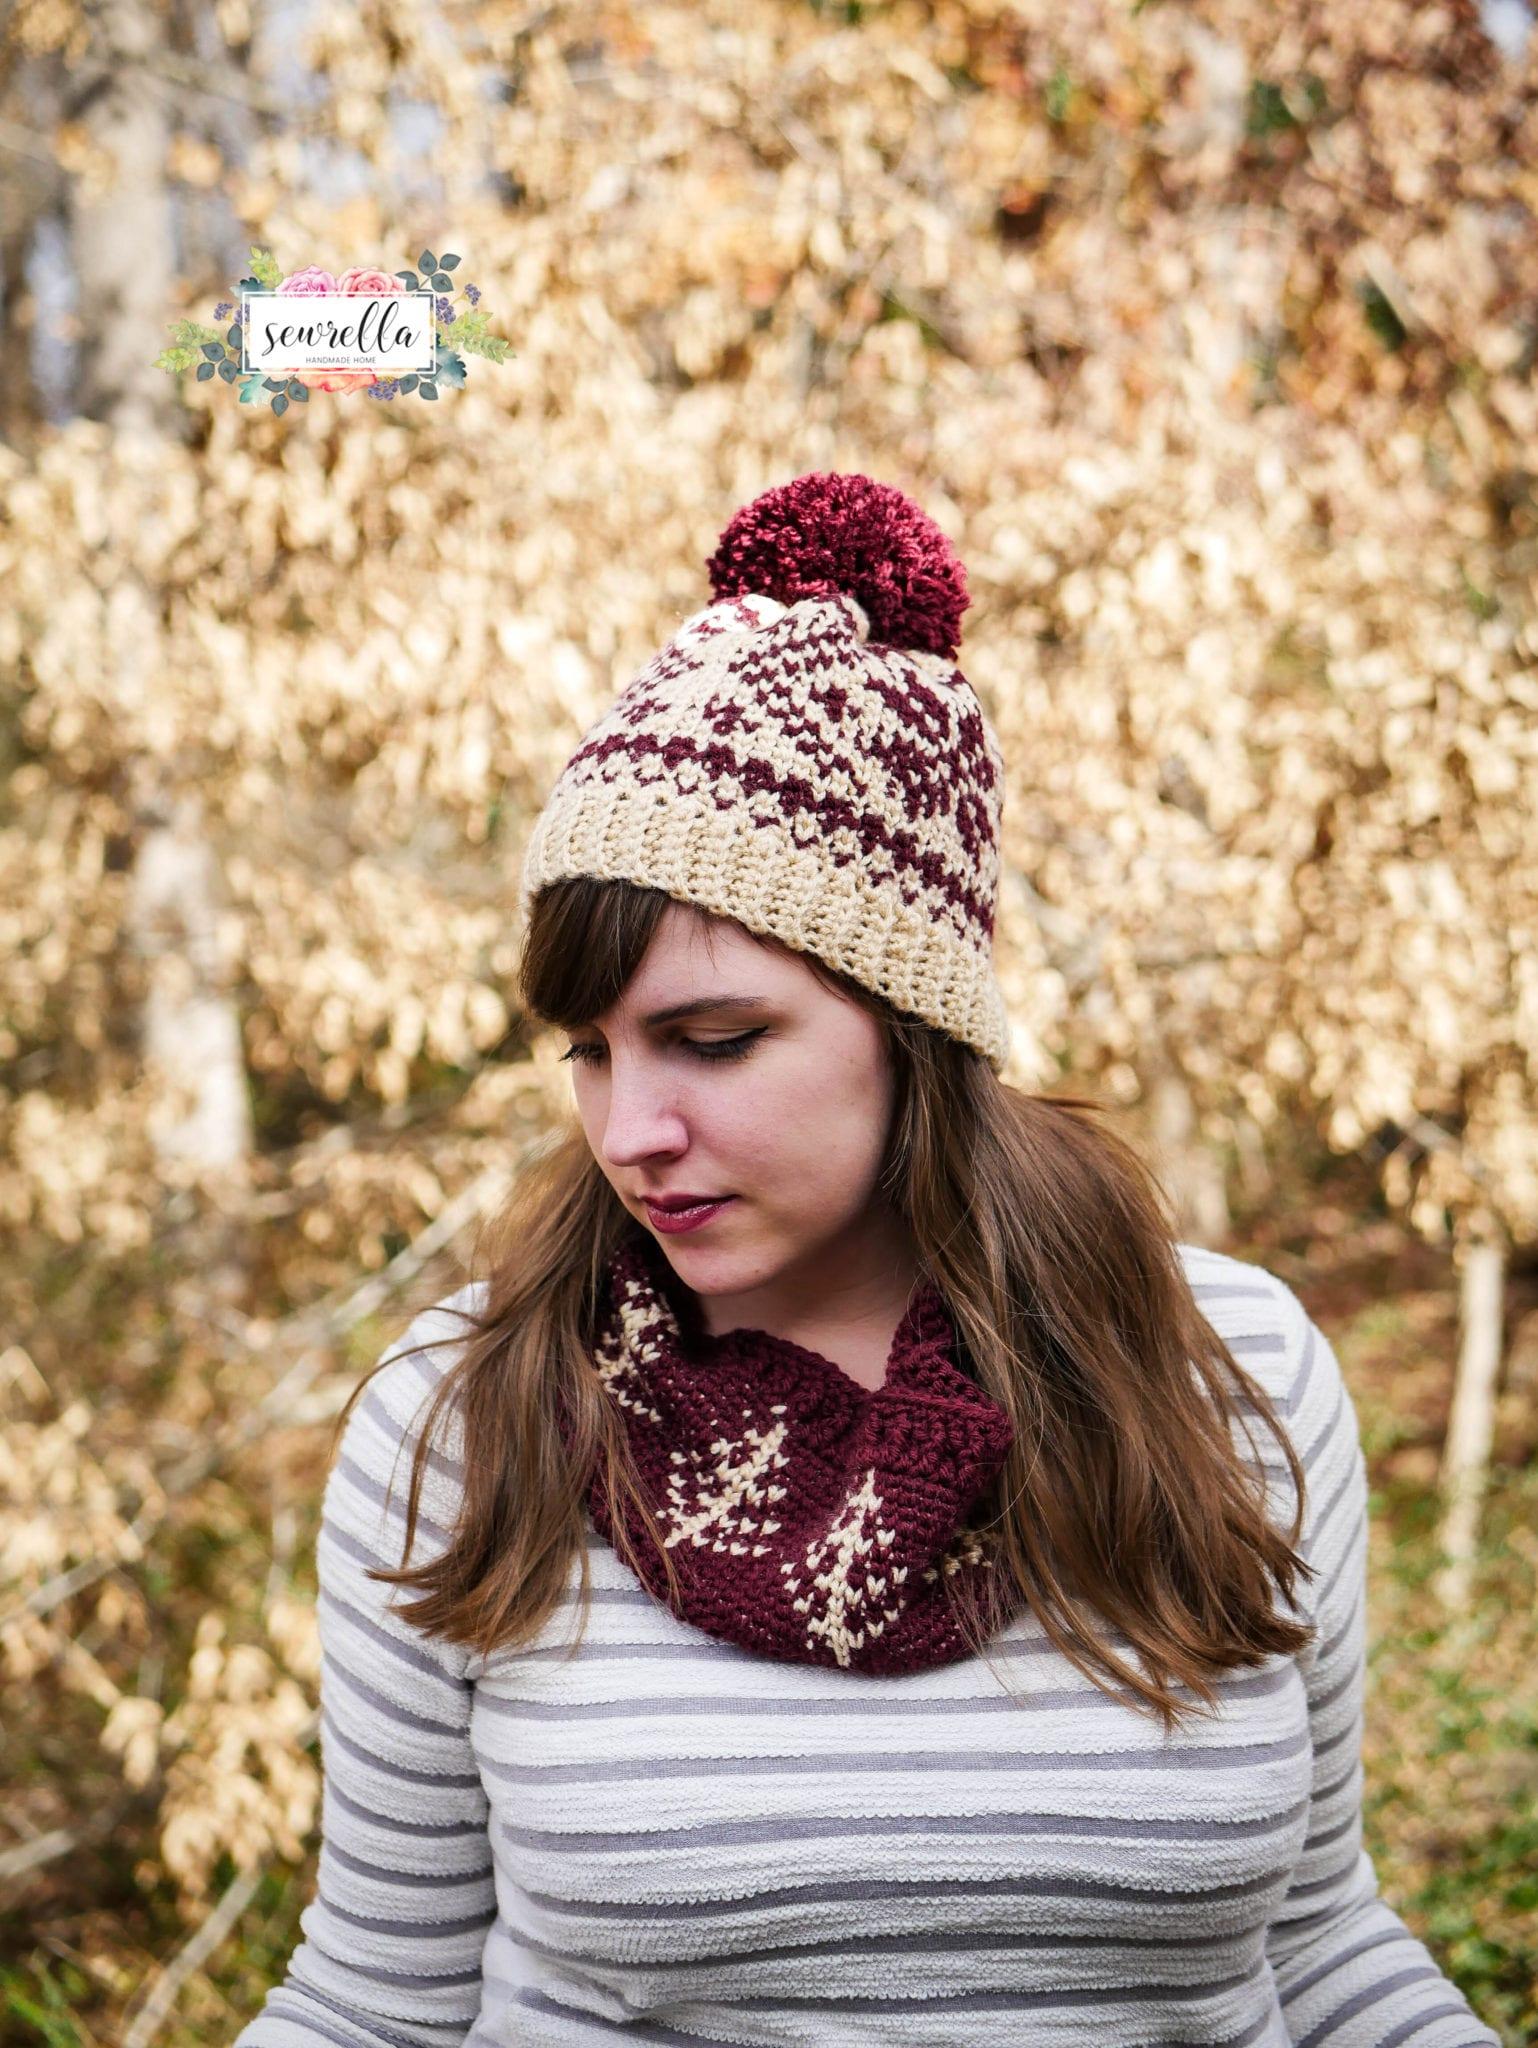 Faux Knit Fair Isle Crochet Toque   Cowl - Sewrella 39705f36204a